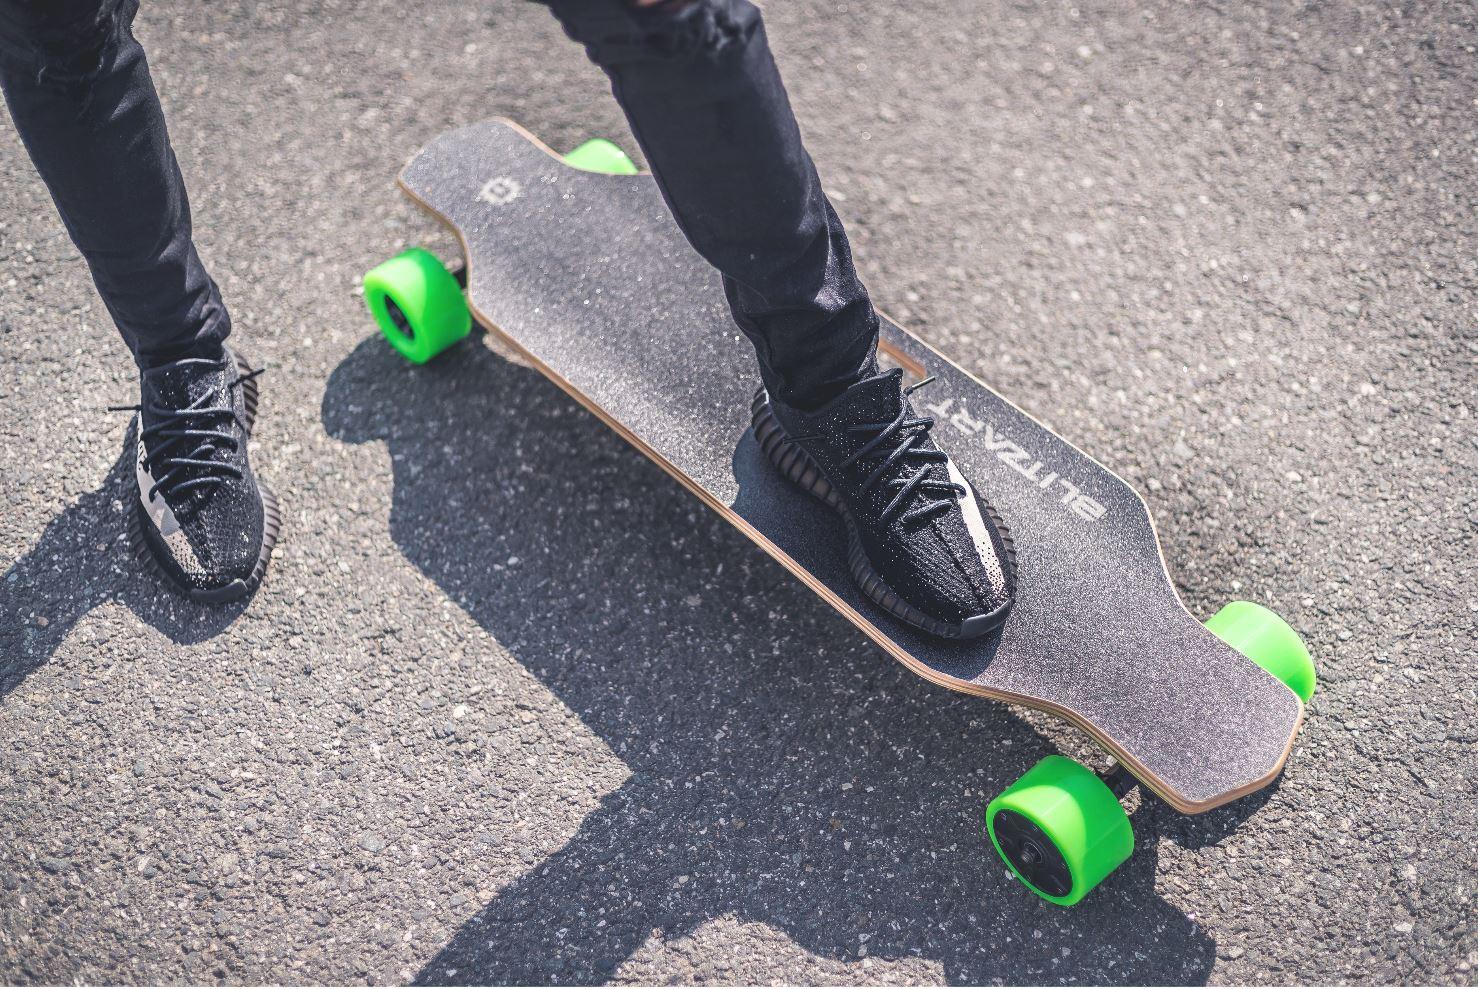 Blitzart Hurricane Electric Skateboard